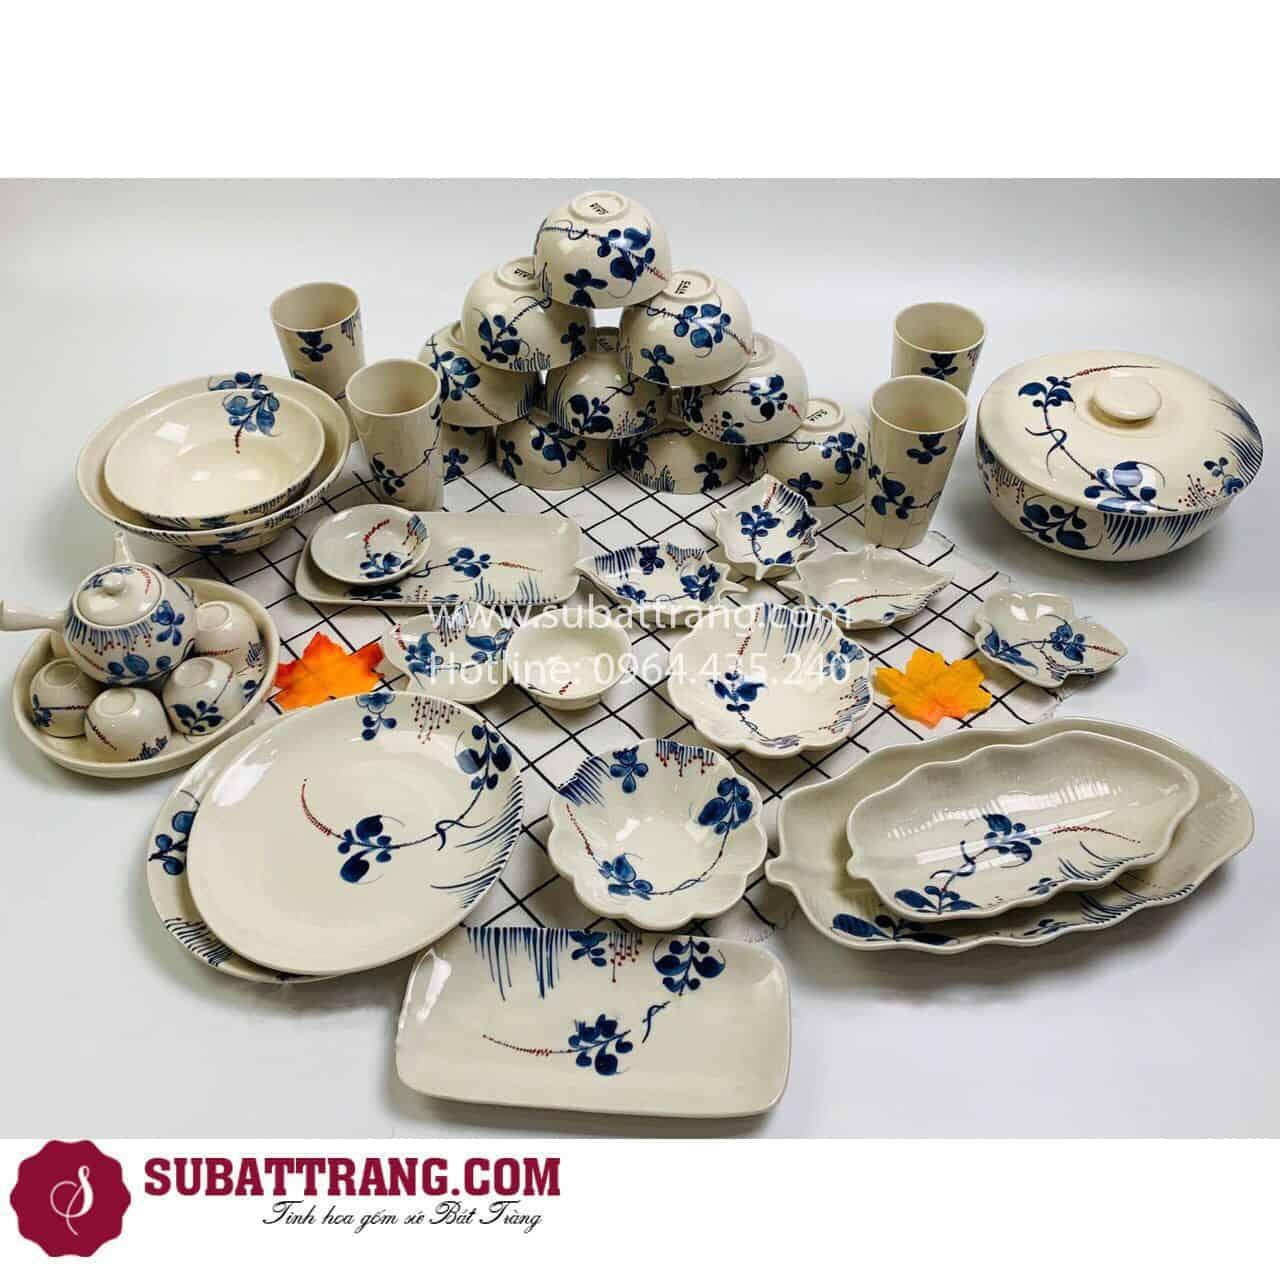 Bộ Đồ Ăn Men Mát Hoa Dây Bát Tràng - 60275